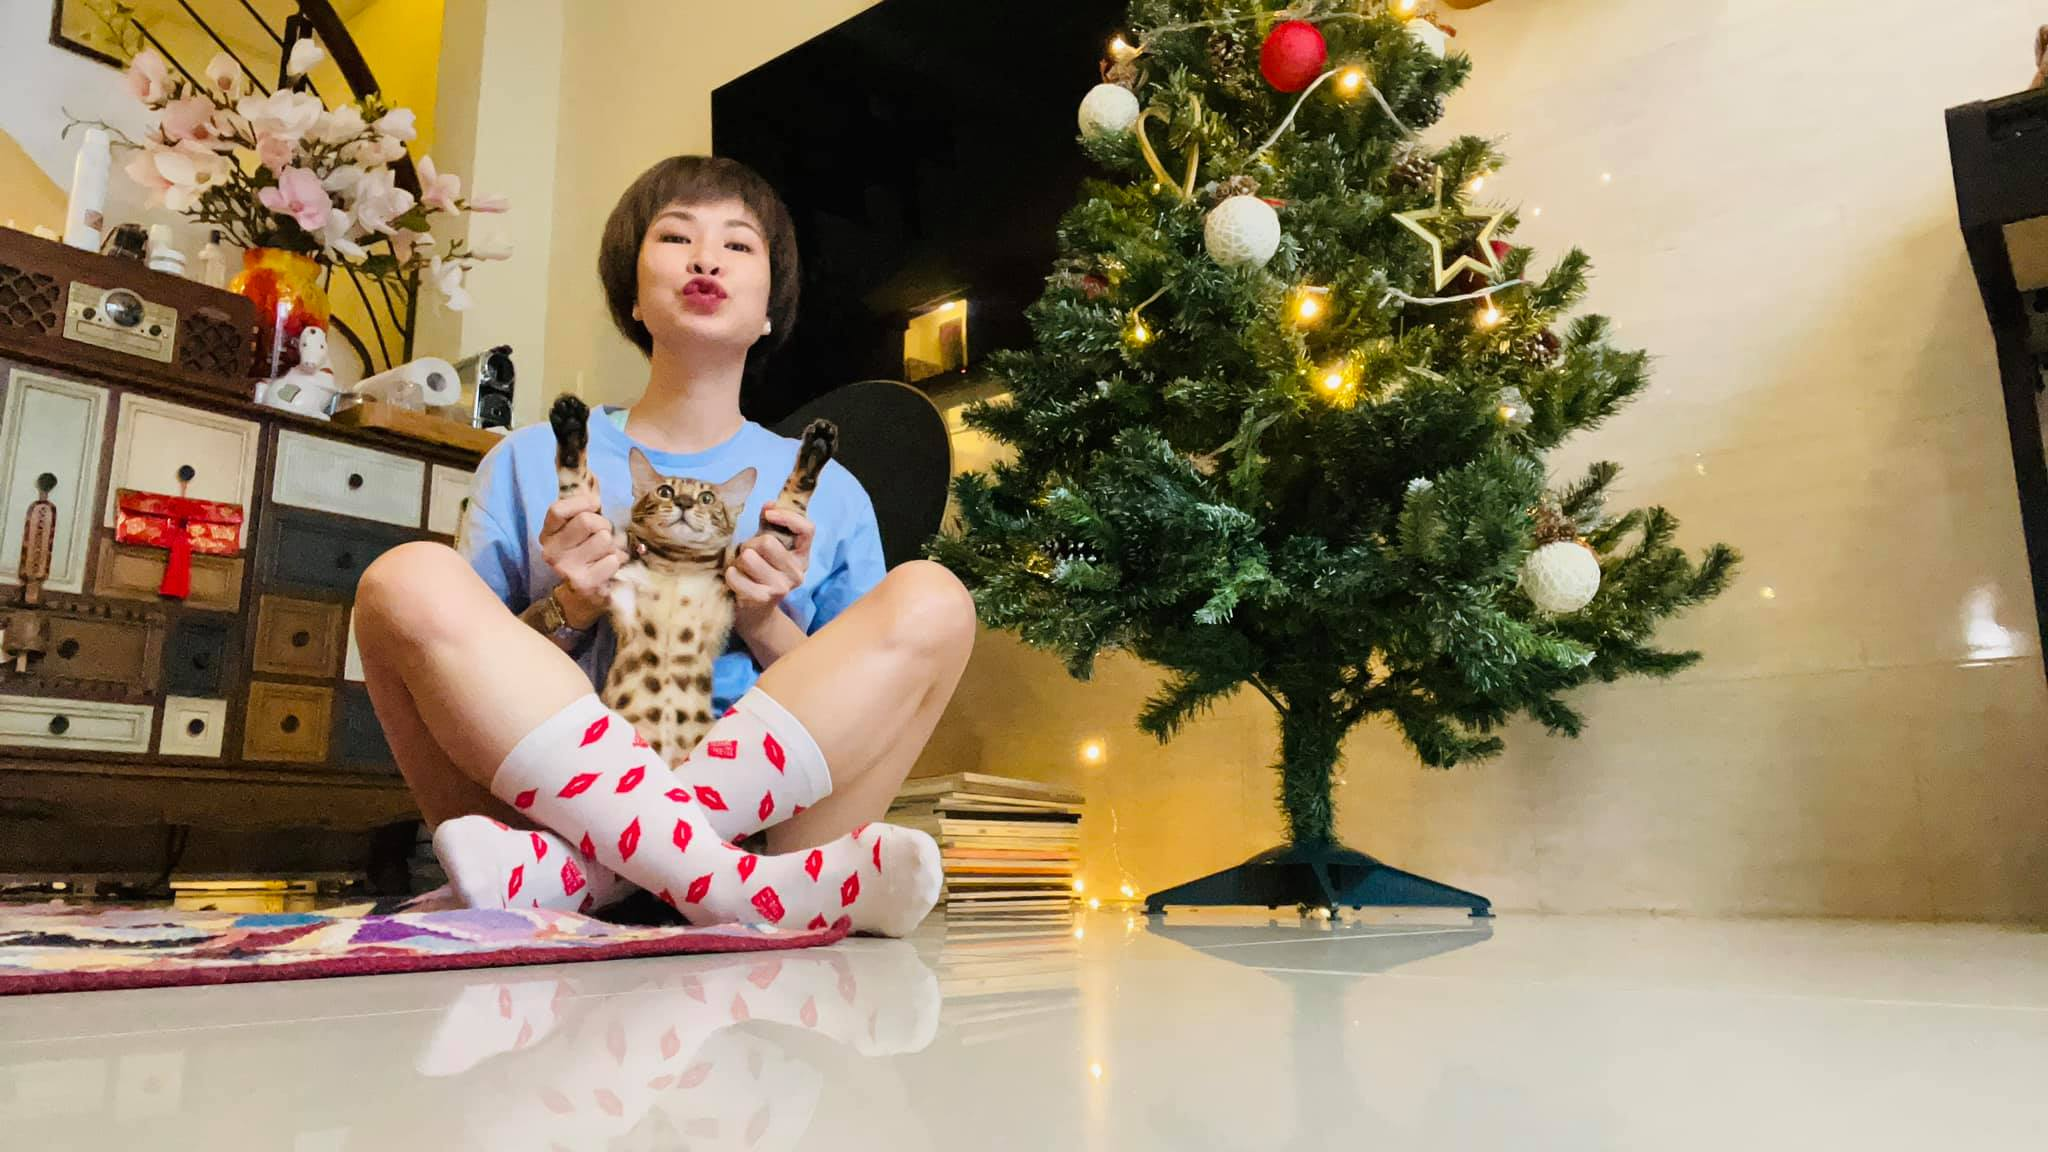 """Uyên Linh khoe nhà tối giản toàn tranh với mèo bình yên vô cùng, ai thích """"nghệ"""" cũng nên ngó qua thử xem! - Ảnh 1."""